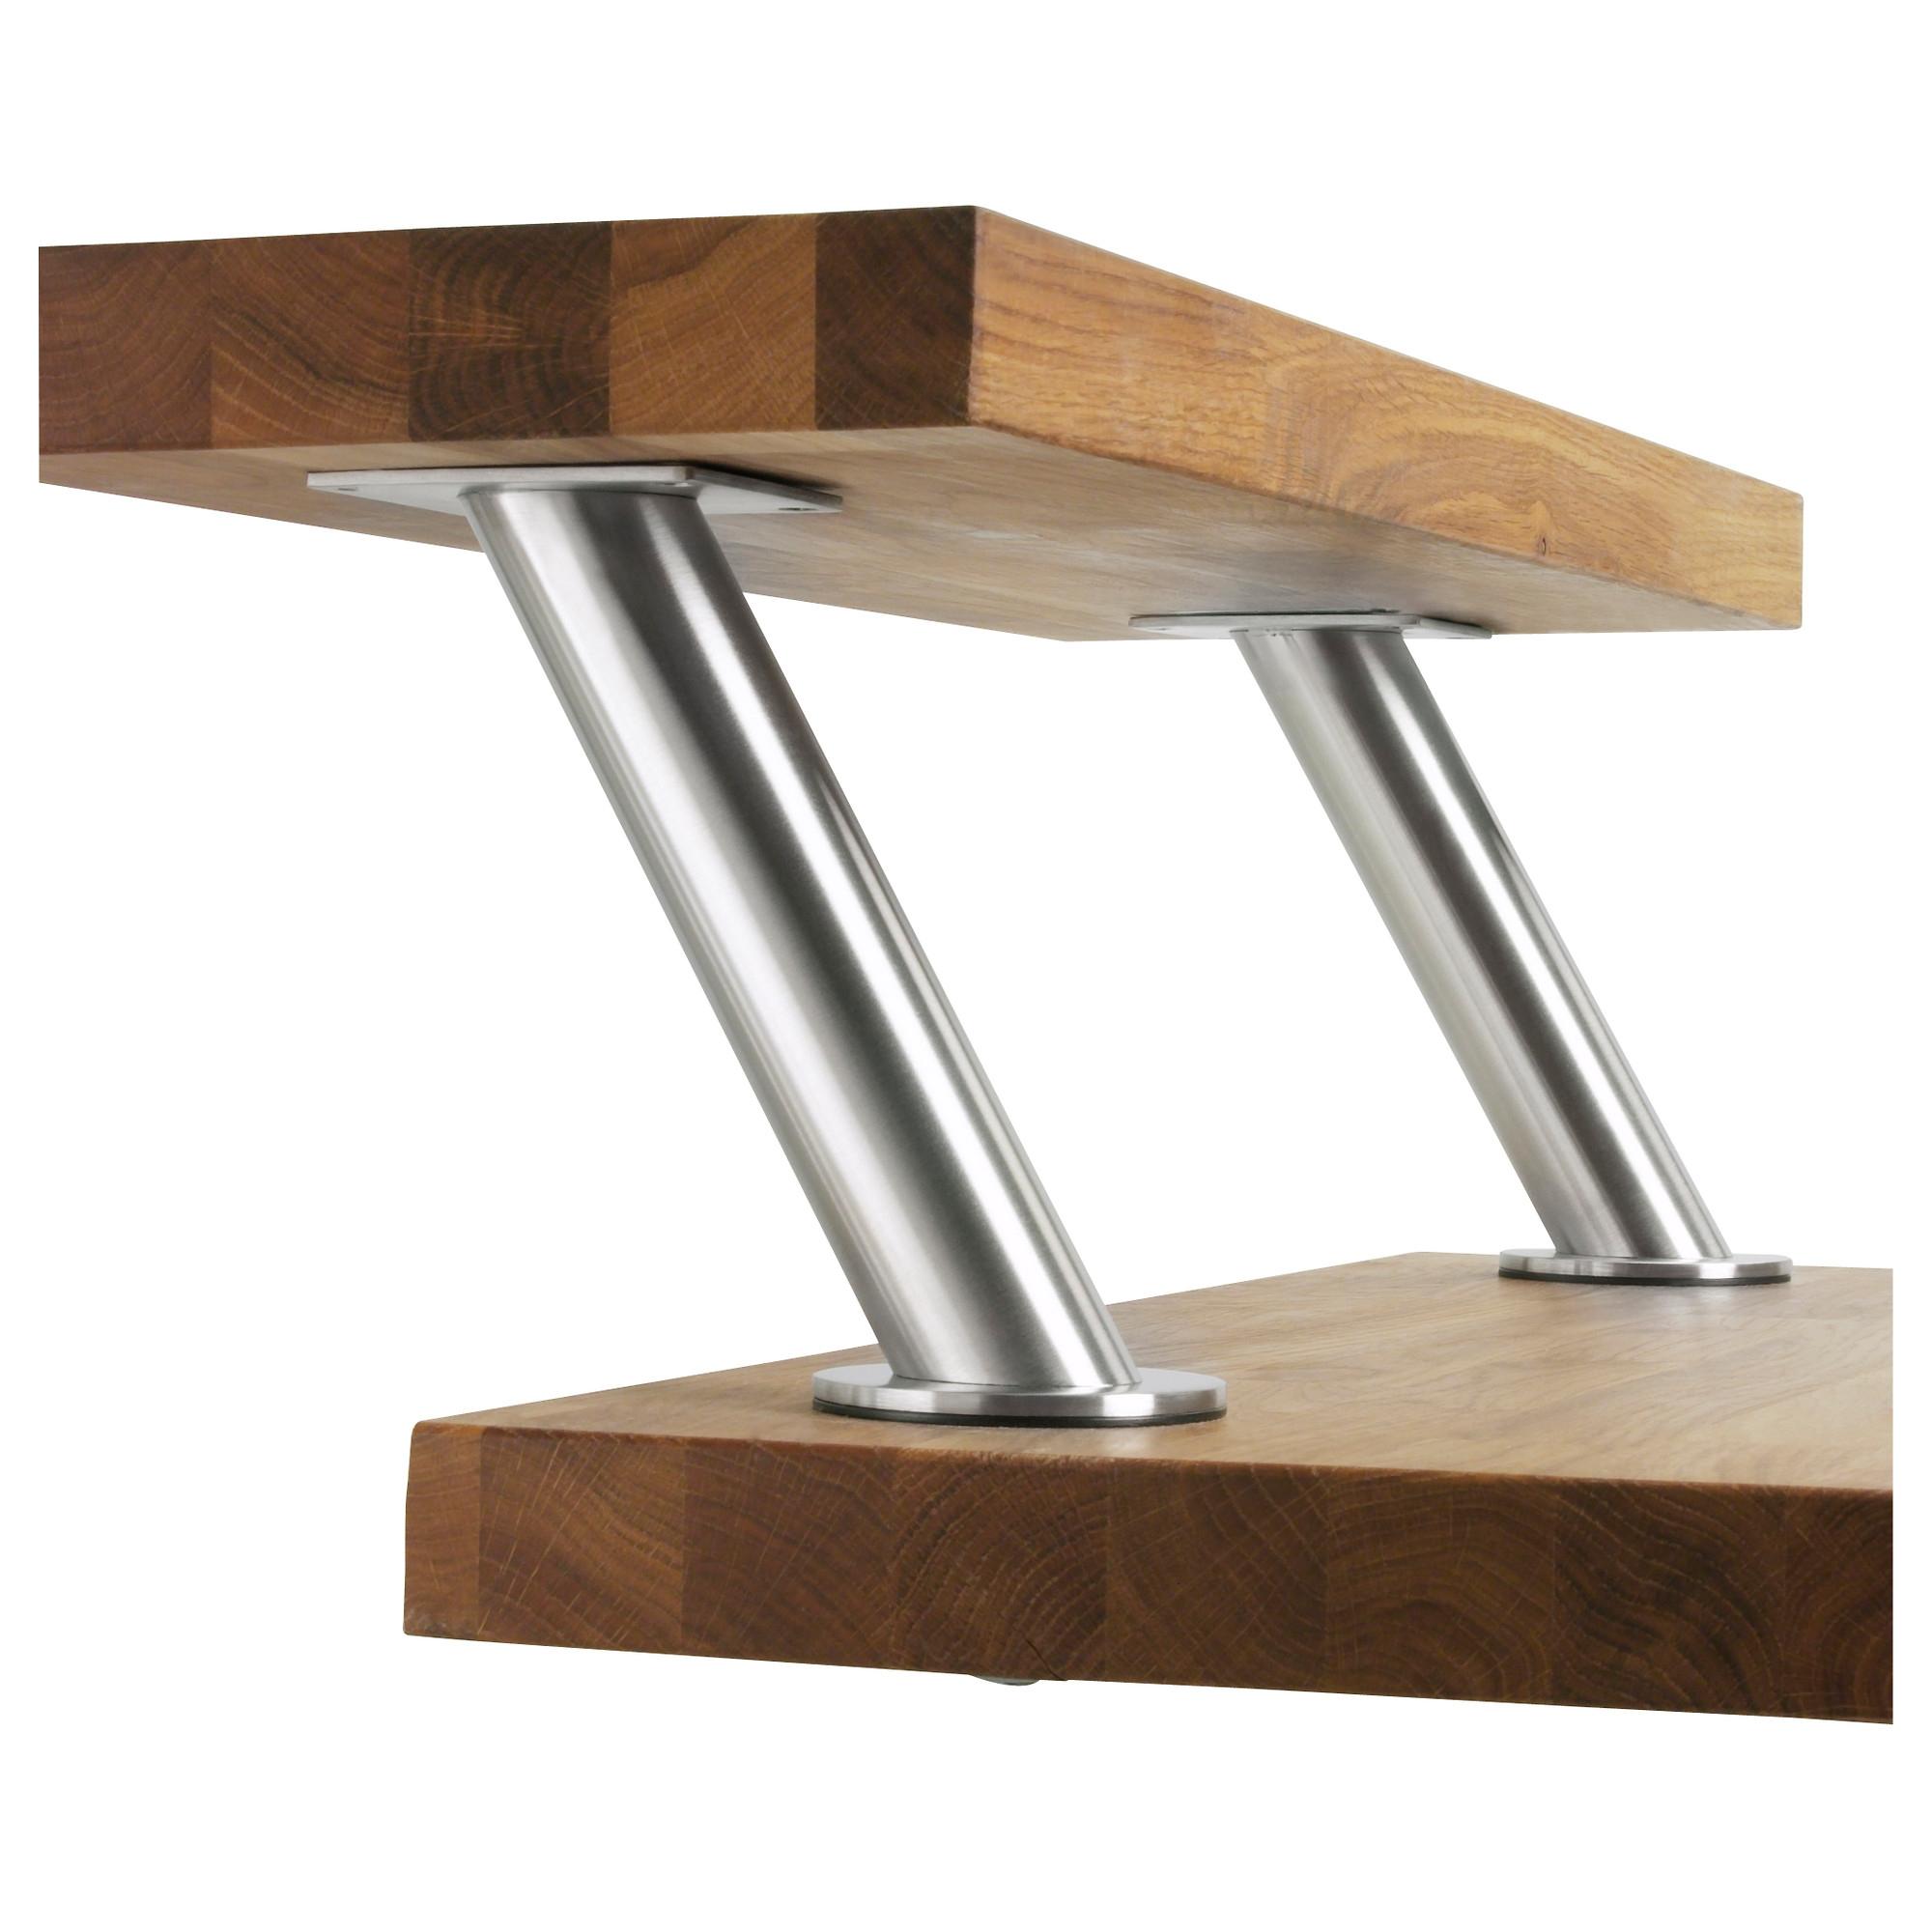 Ikea Hochstuhl Antilop Tablett ~ El orden te da espacio Y el espacio, calma